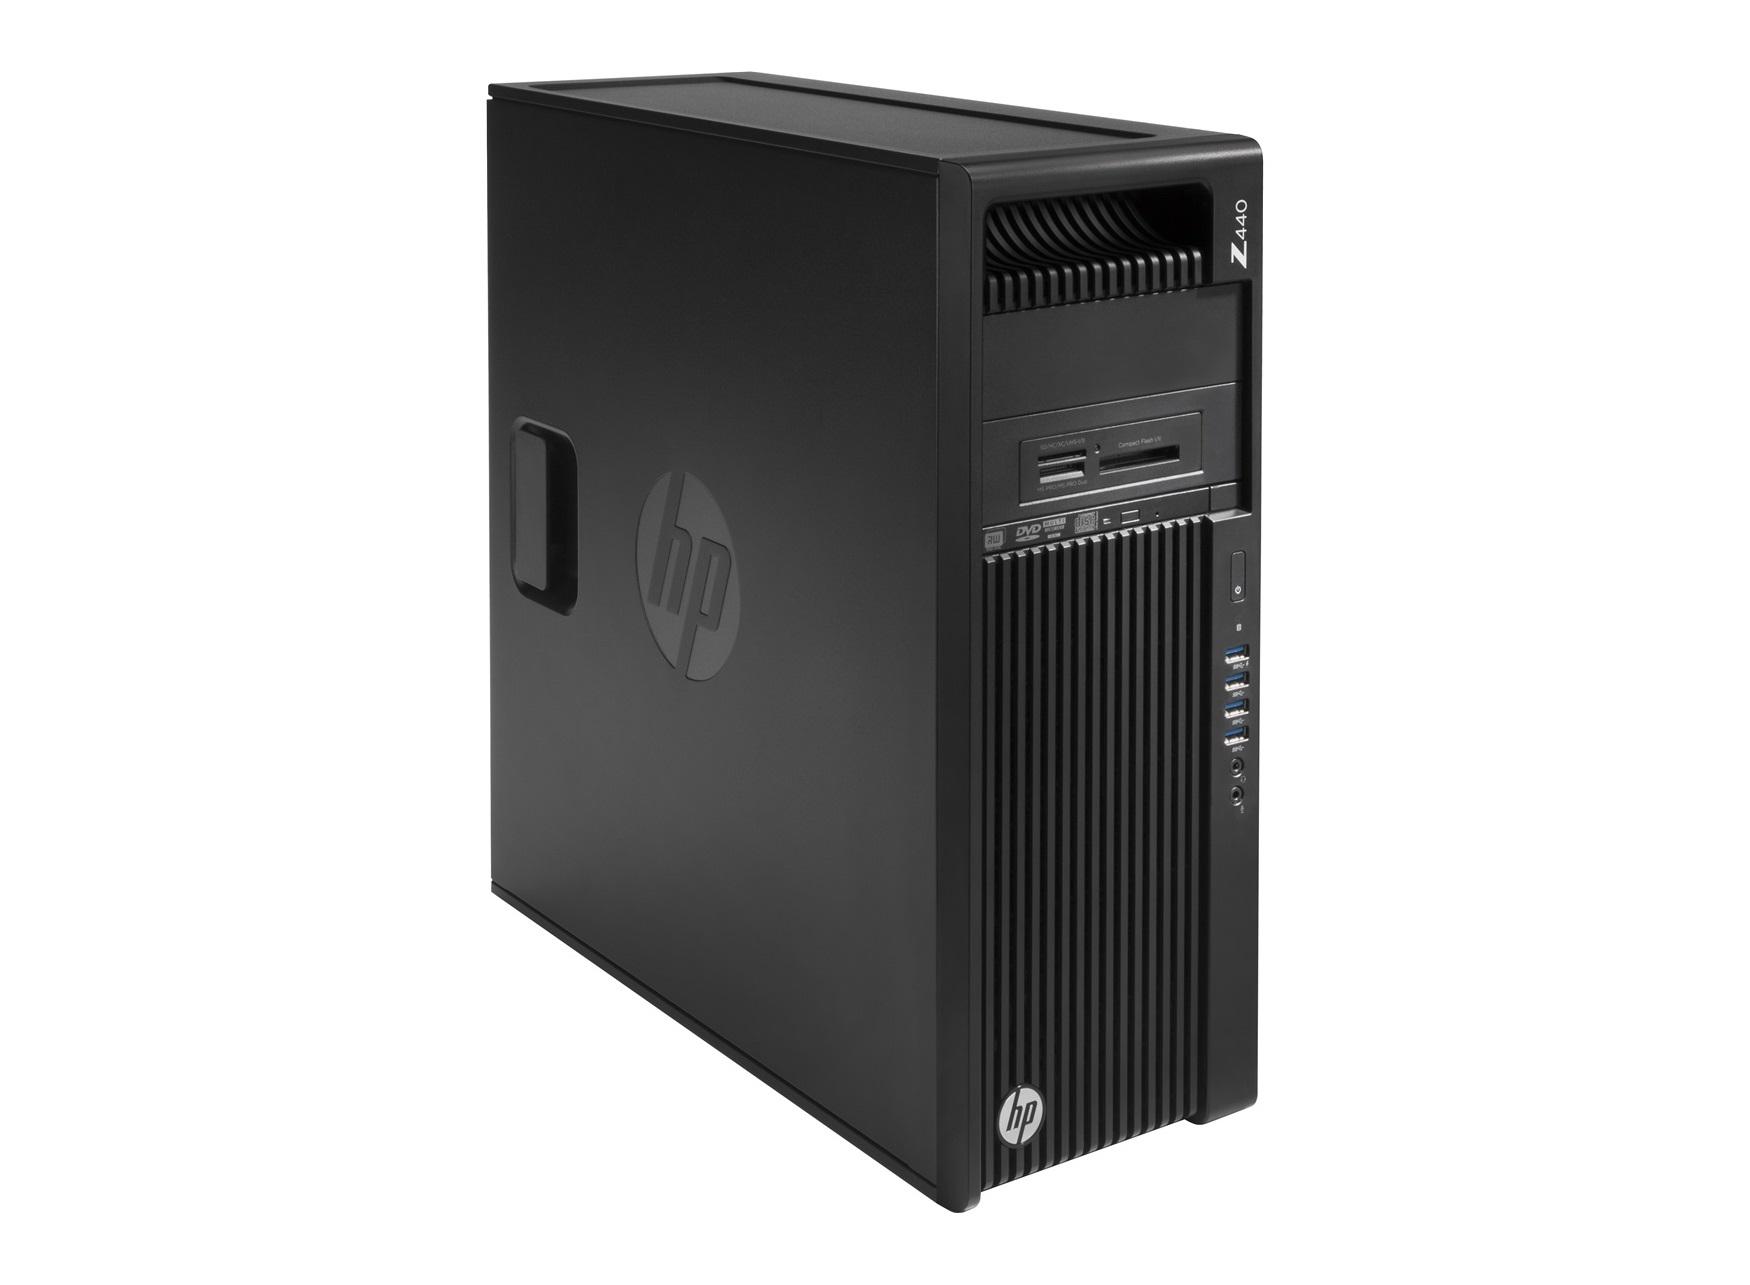 HP Z440 WS E5-1620v4/16GB/256GB/W10P